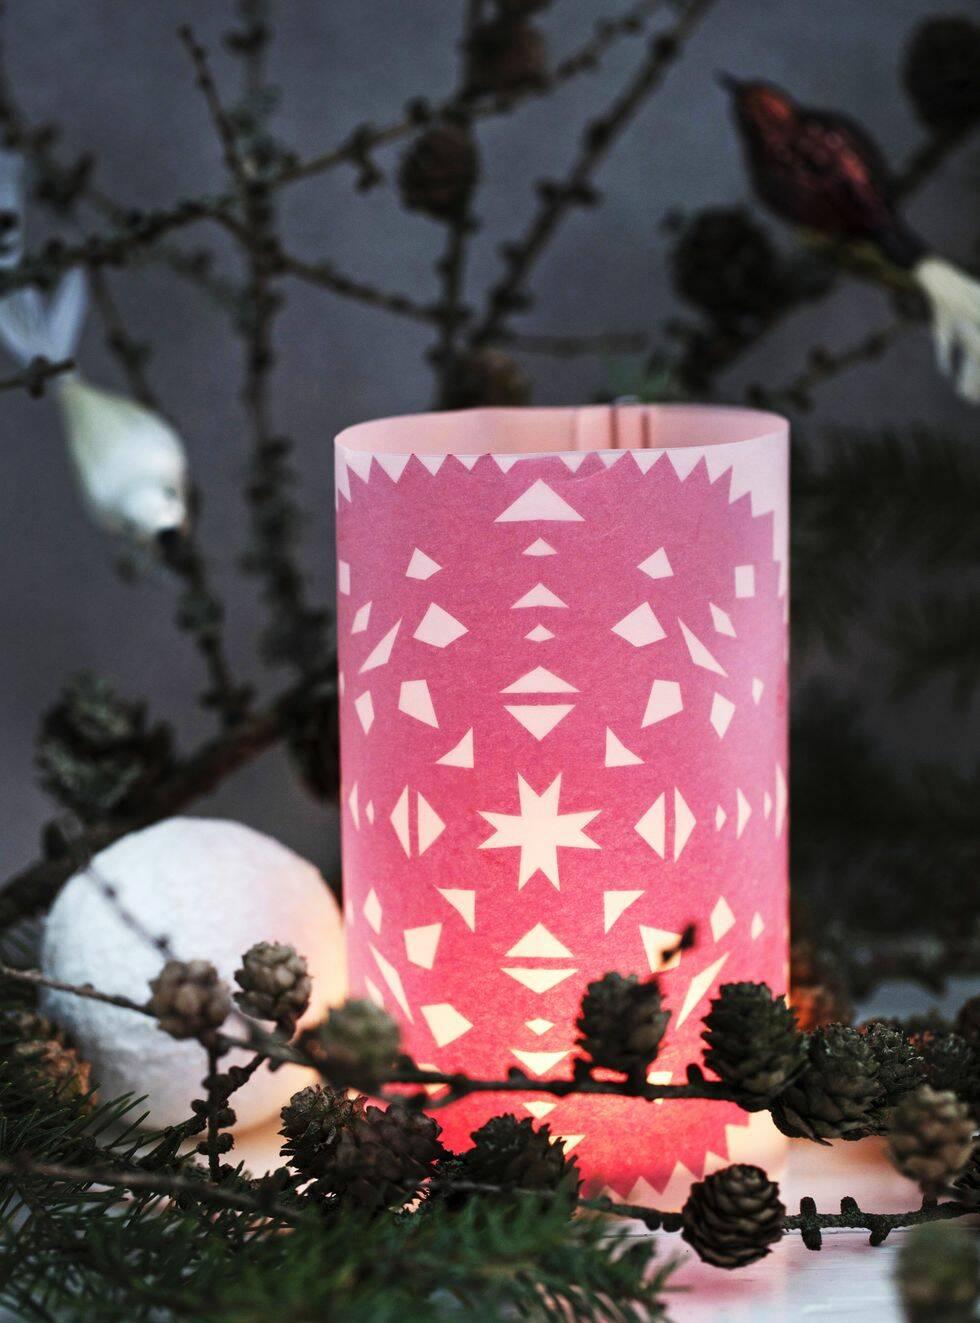 Lys upp hemmet med egengjorda ljuslyktor i jul